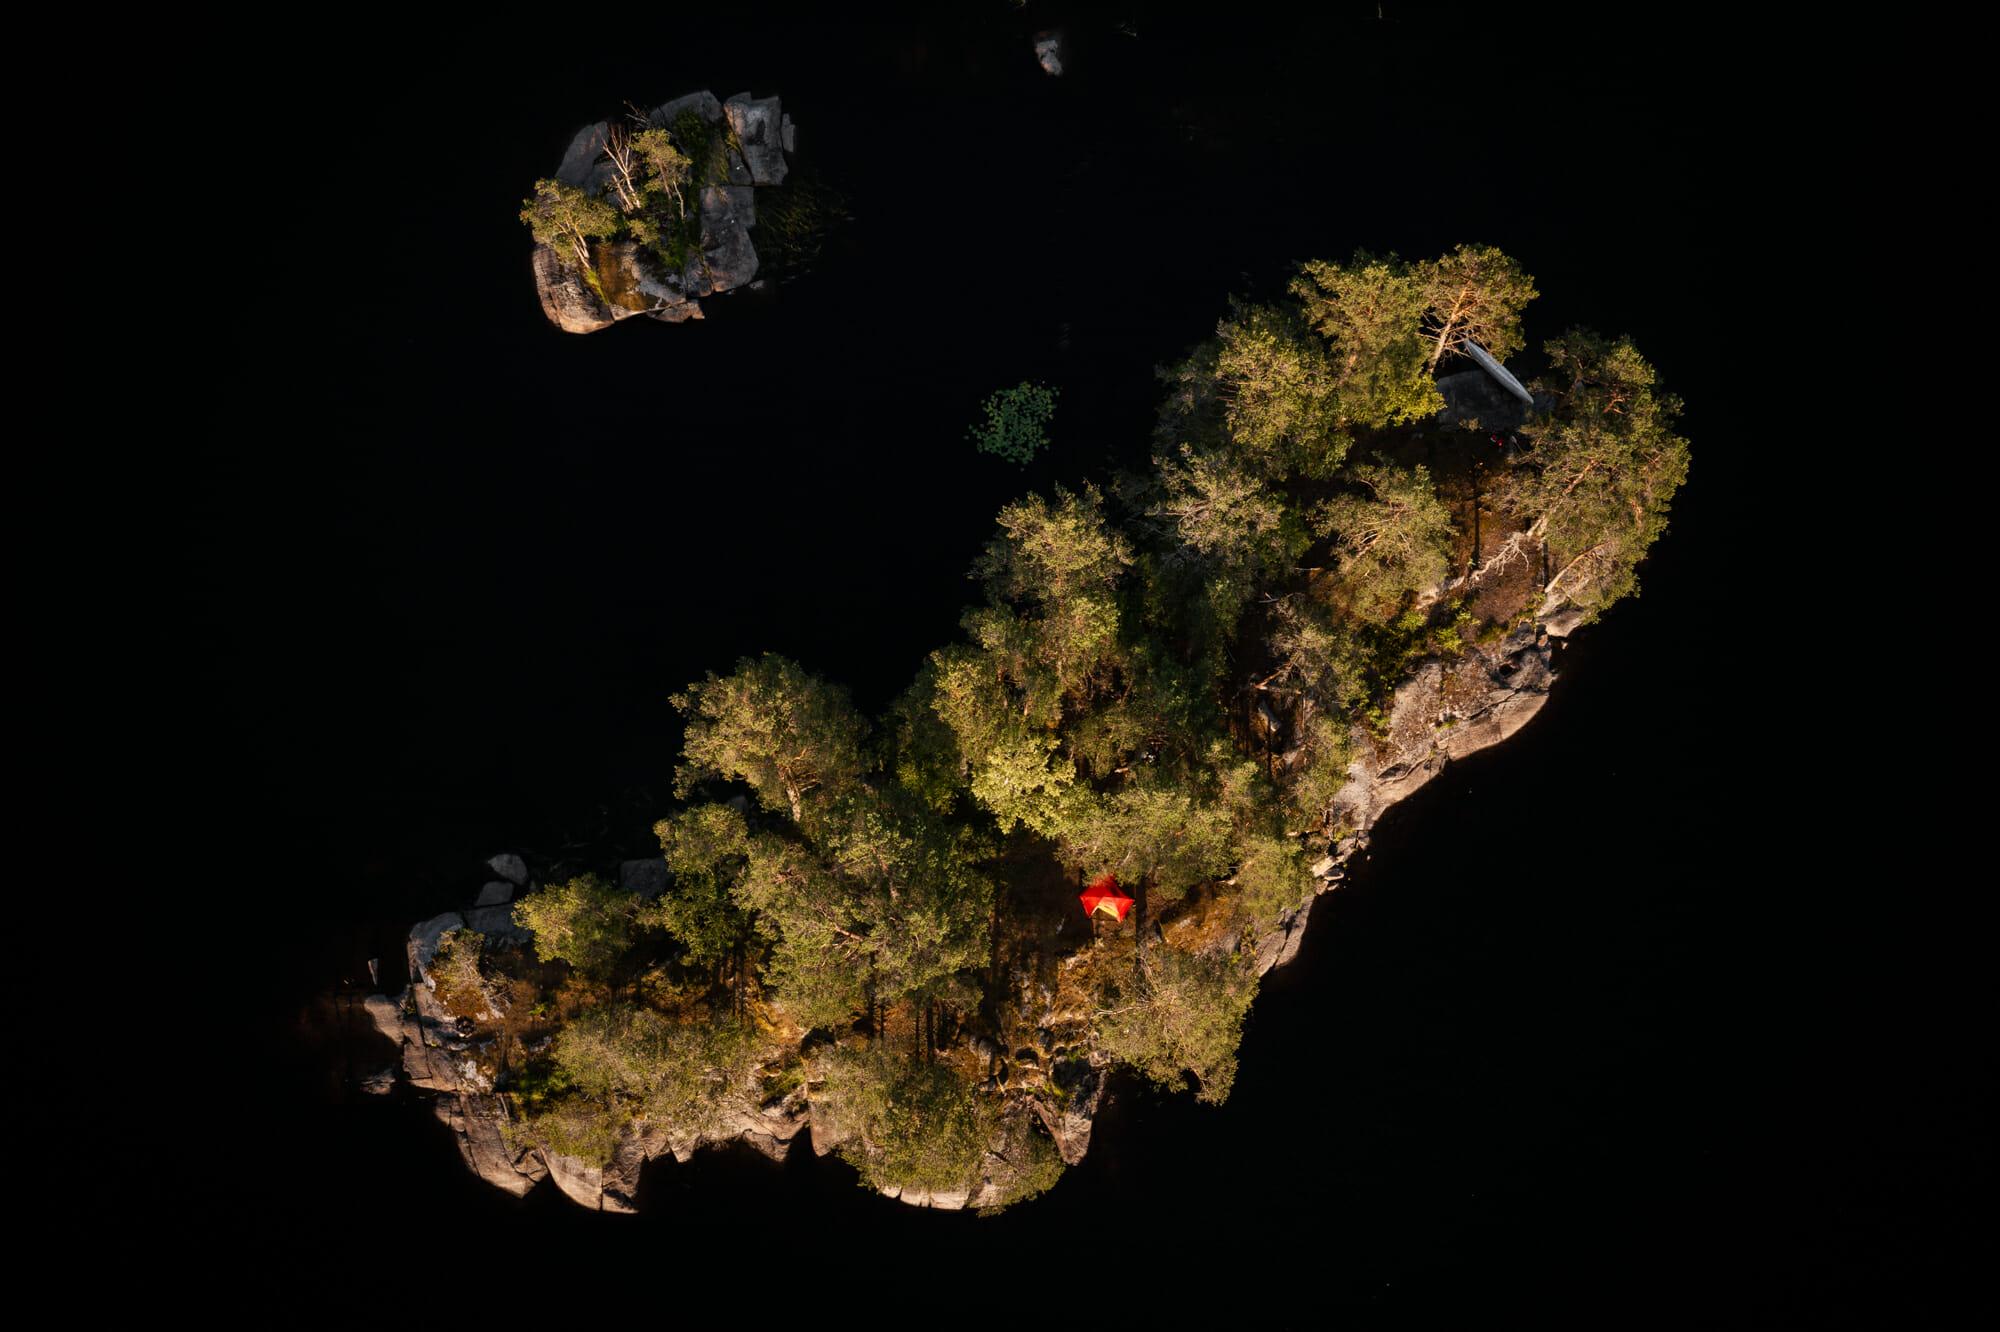 île dans le Värmland avec une tente, bivouac